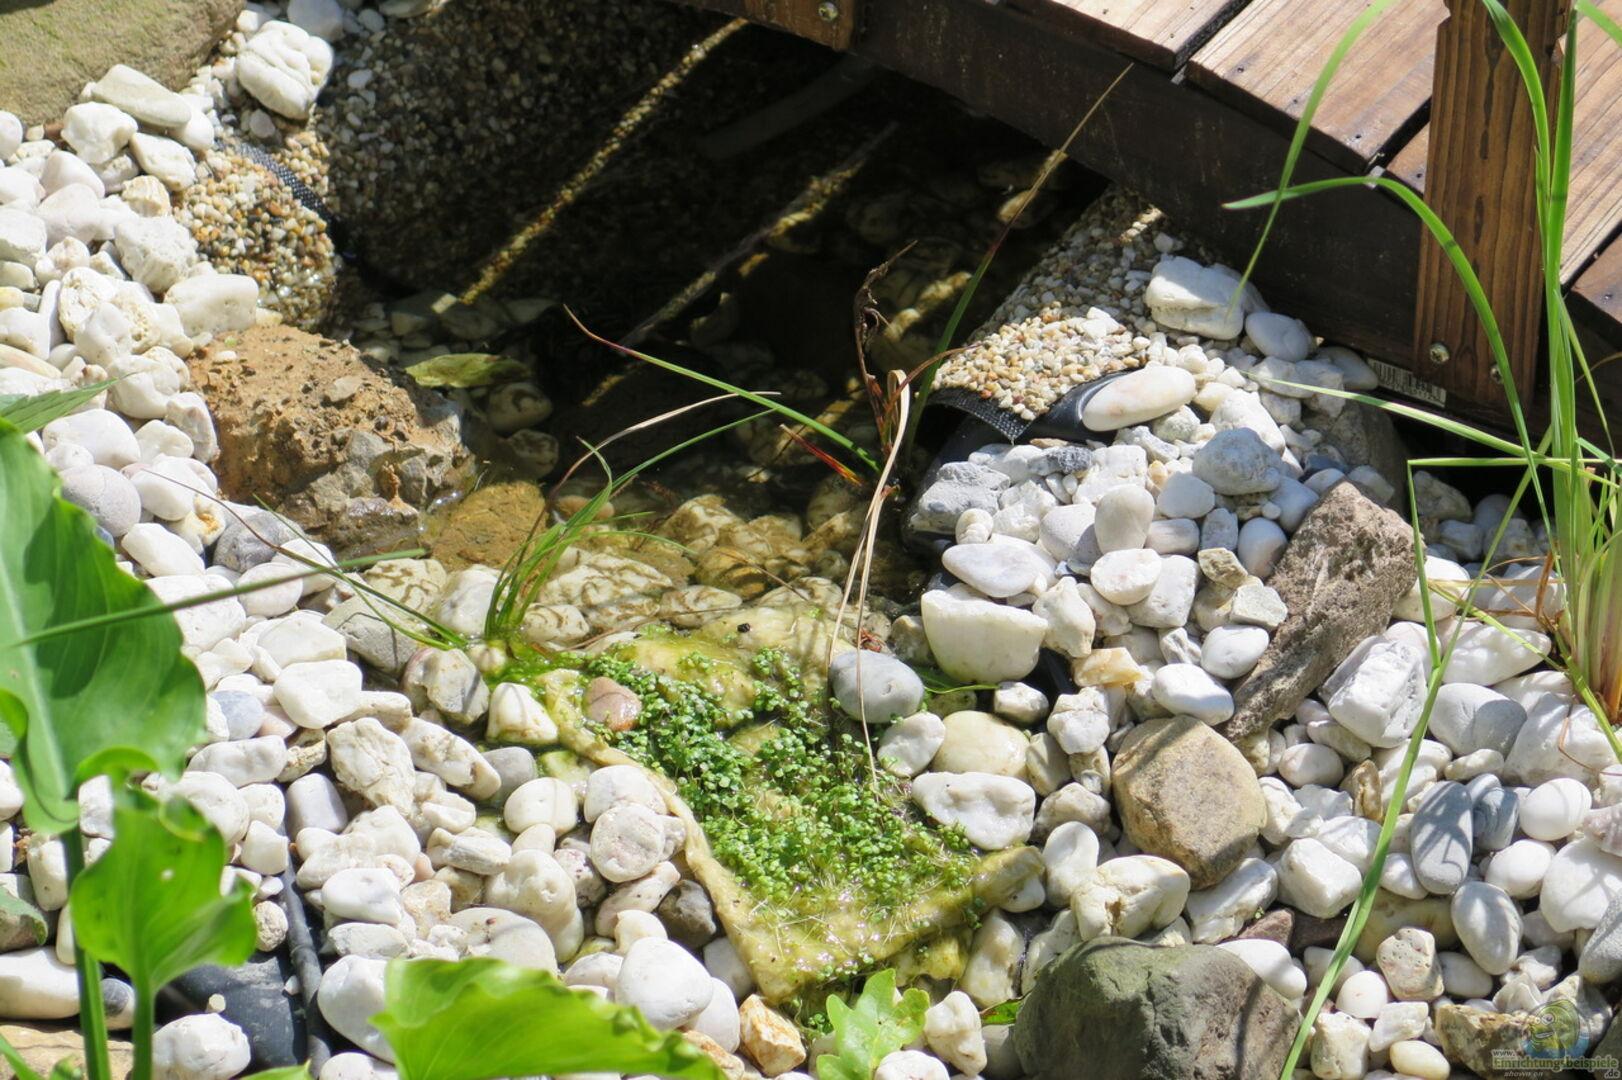 Brunenkresse und wollgras im bachlauf aus gartenteich al for Grunalgen im gartenteich